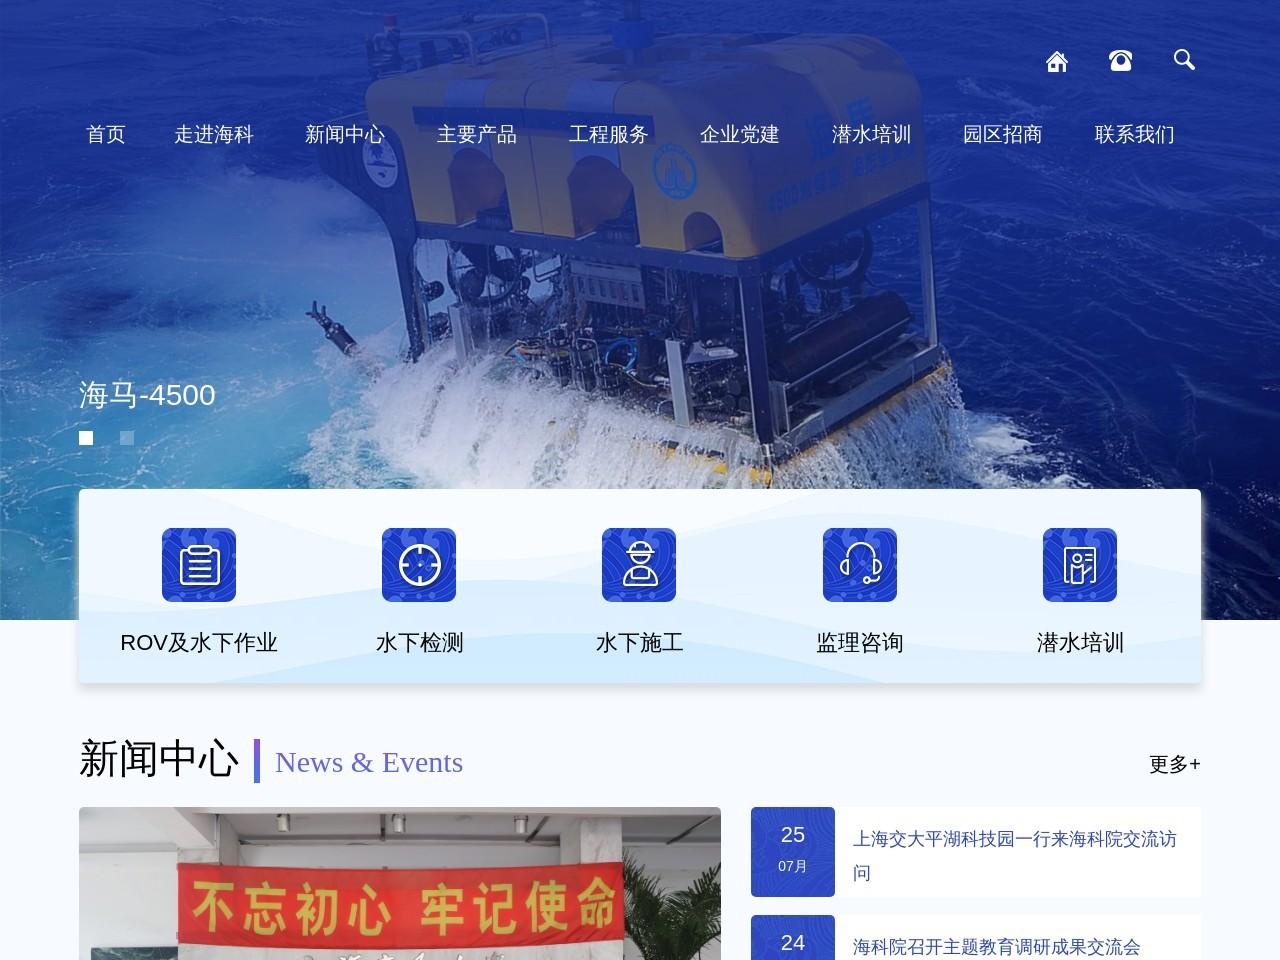 上海交大海洋水下工程科学研究院